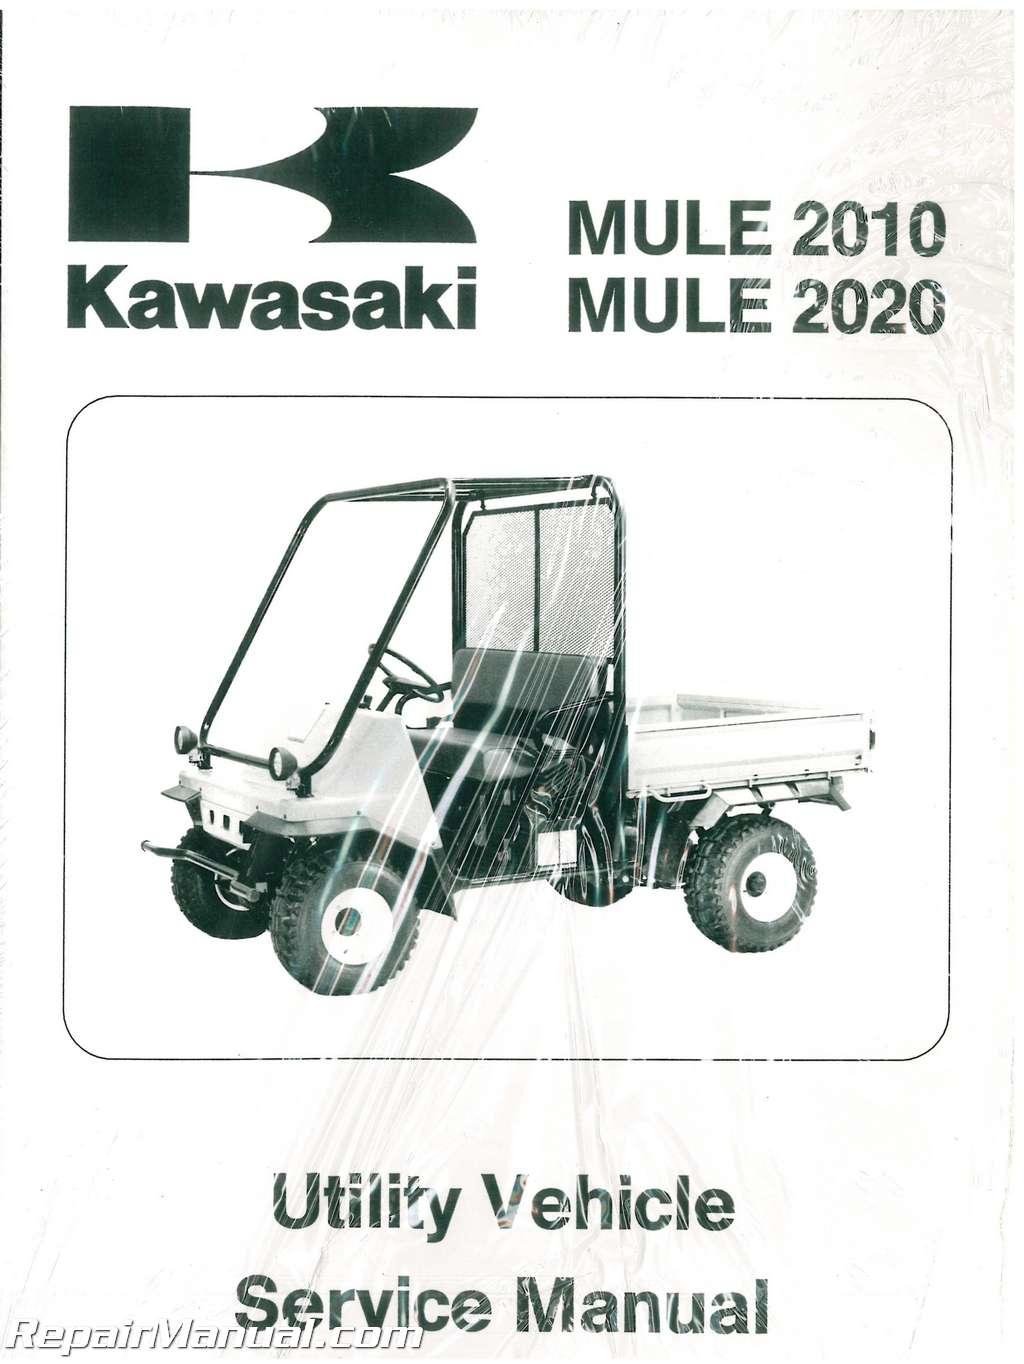 Kawasaki Mule Parts Manual